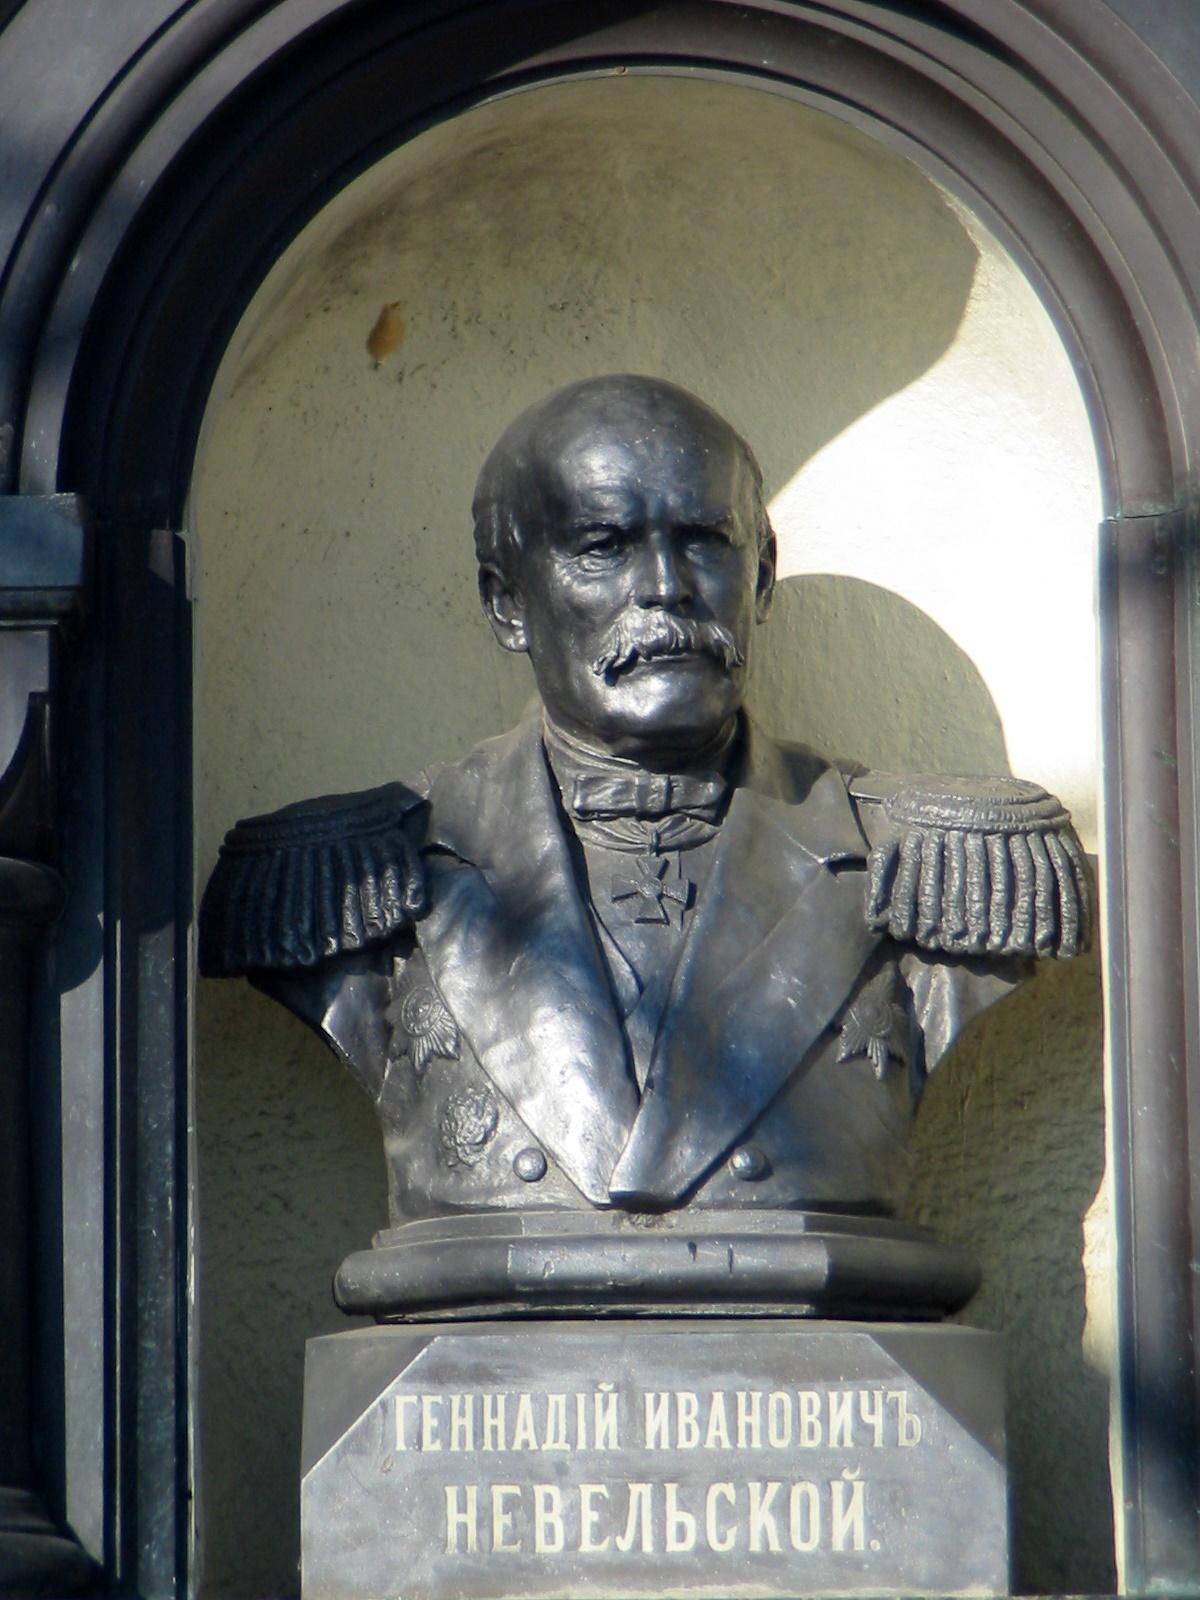 А это часть памятника ему же во Владивостоке. Видно, что этот городок побогаче.